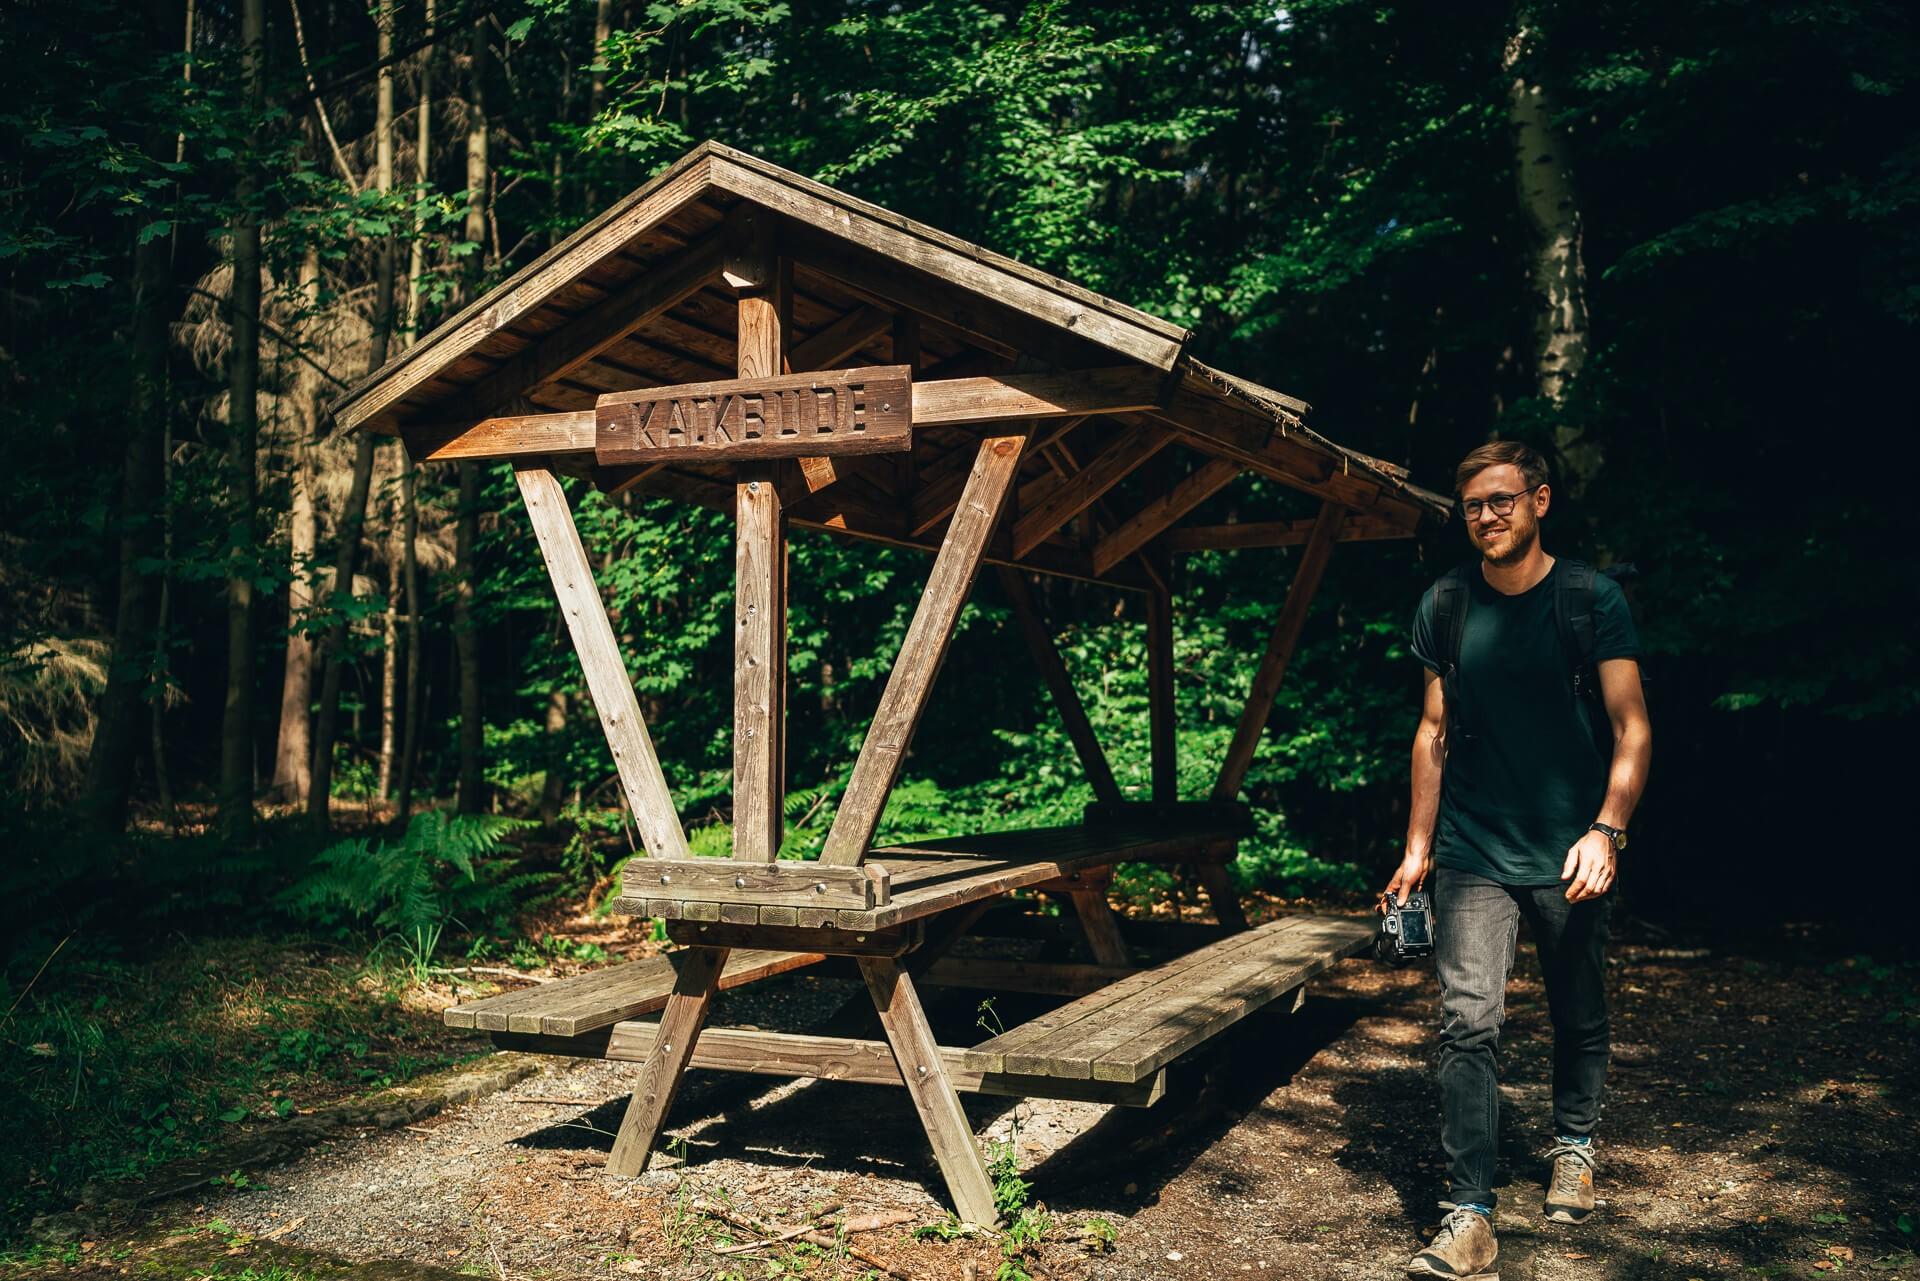 Fotograf Sebastian Weingart steht neben der Holzhütte Kalkbude in der sächsischen Schweiz.